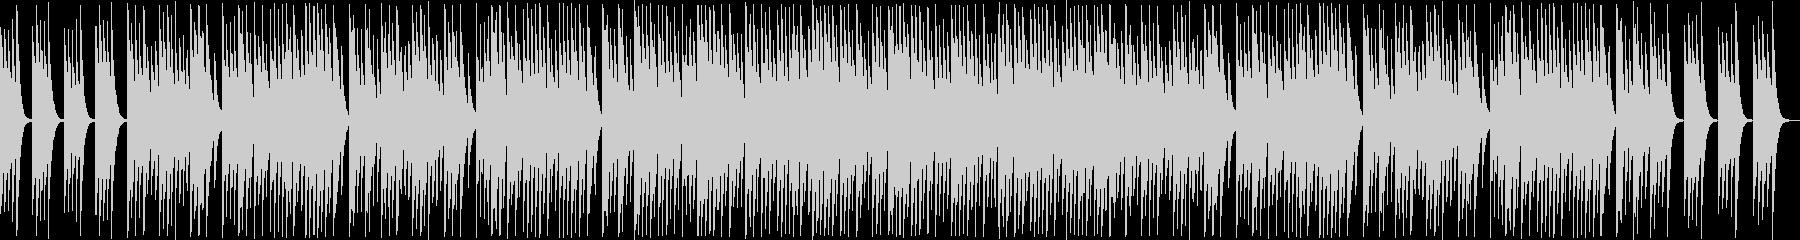 ファンタジーなシンセ・オルゴール系曲の未再生の波形